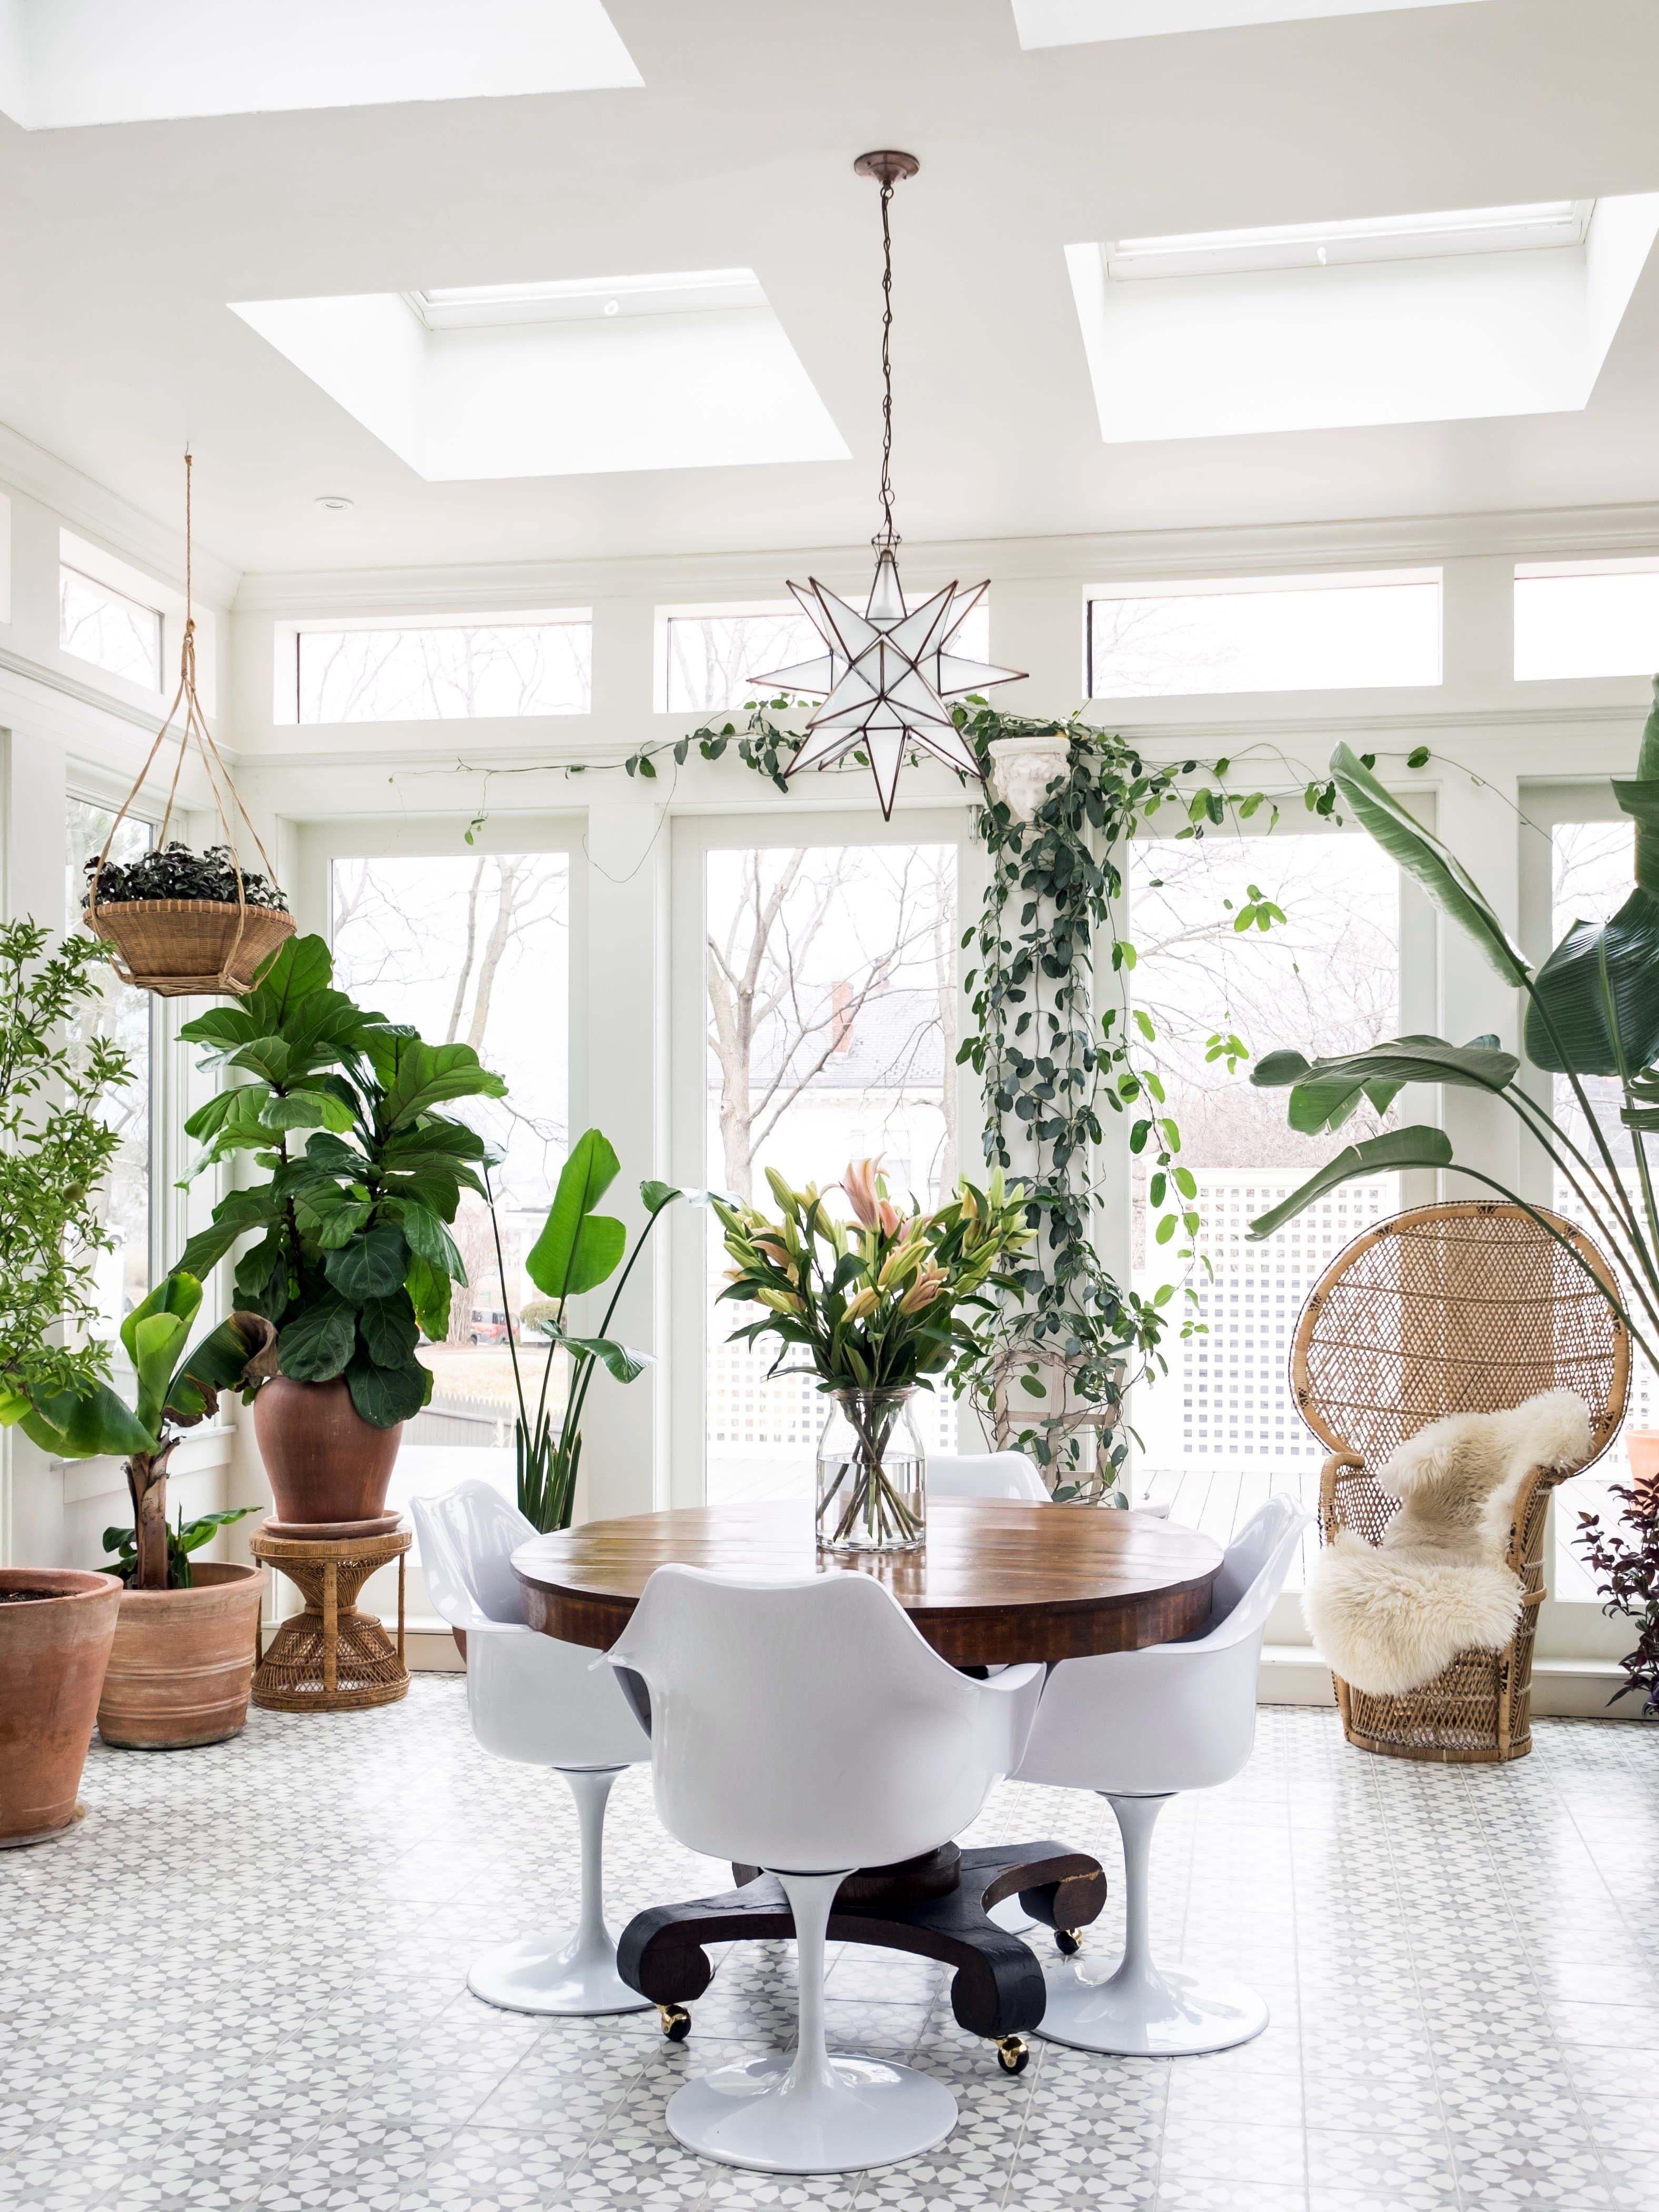 sunroom ideas on a budget  living room plants sunroom